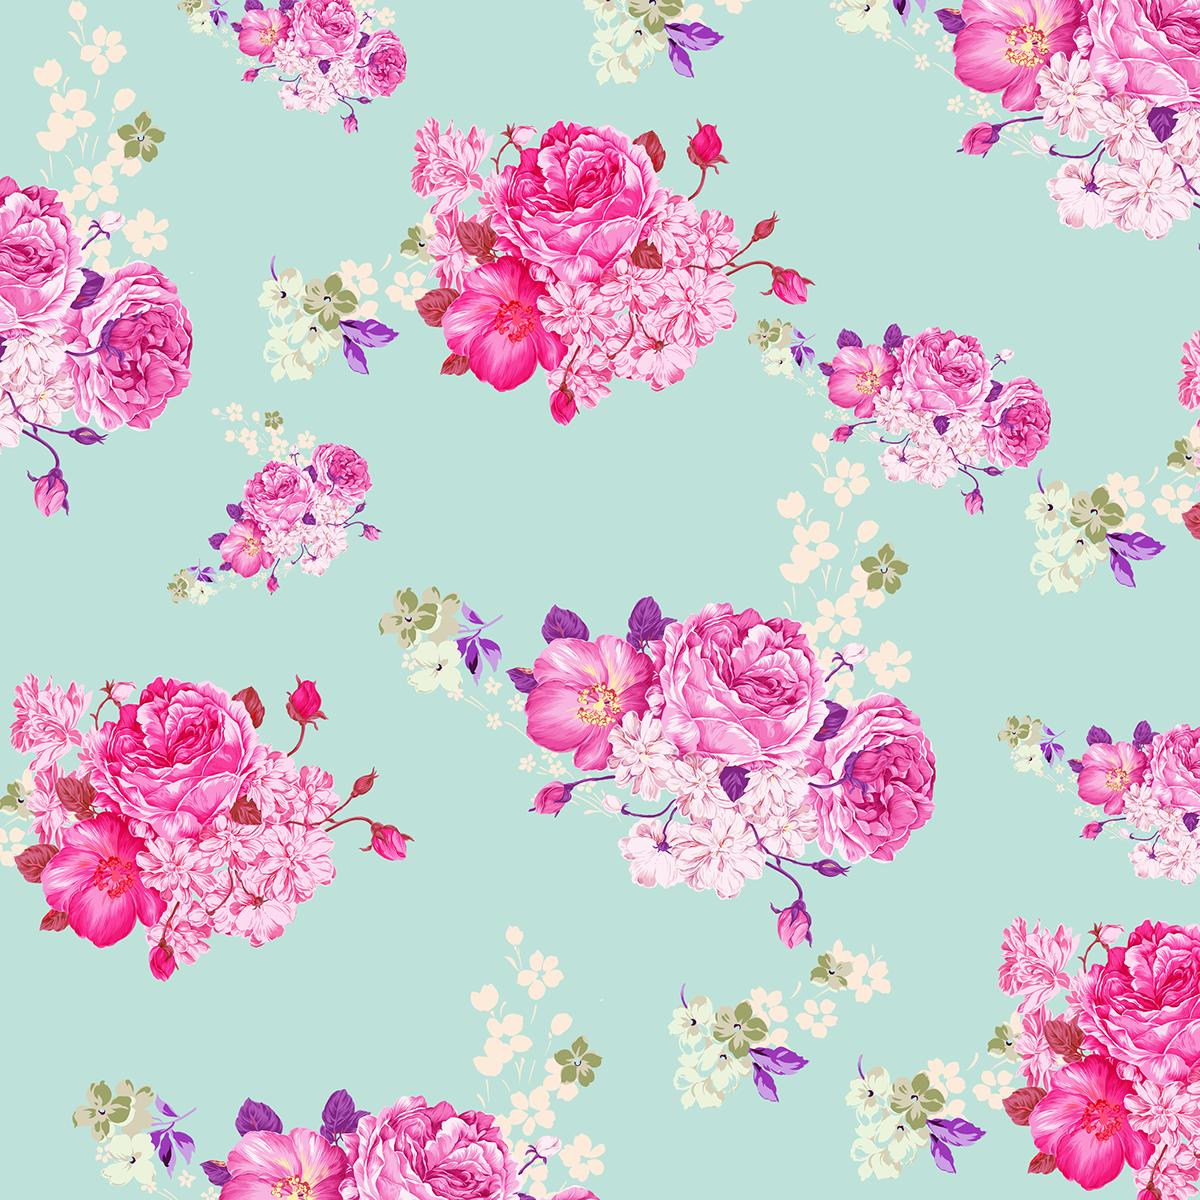 Floral Background Design Png.